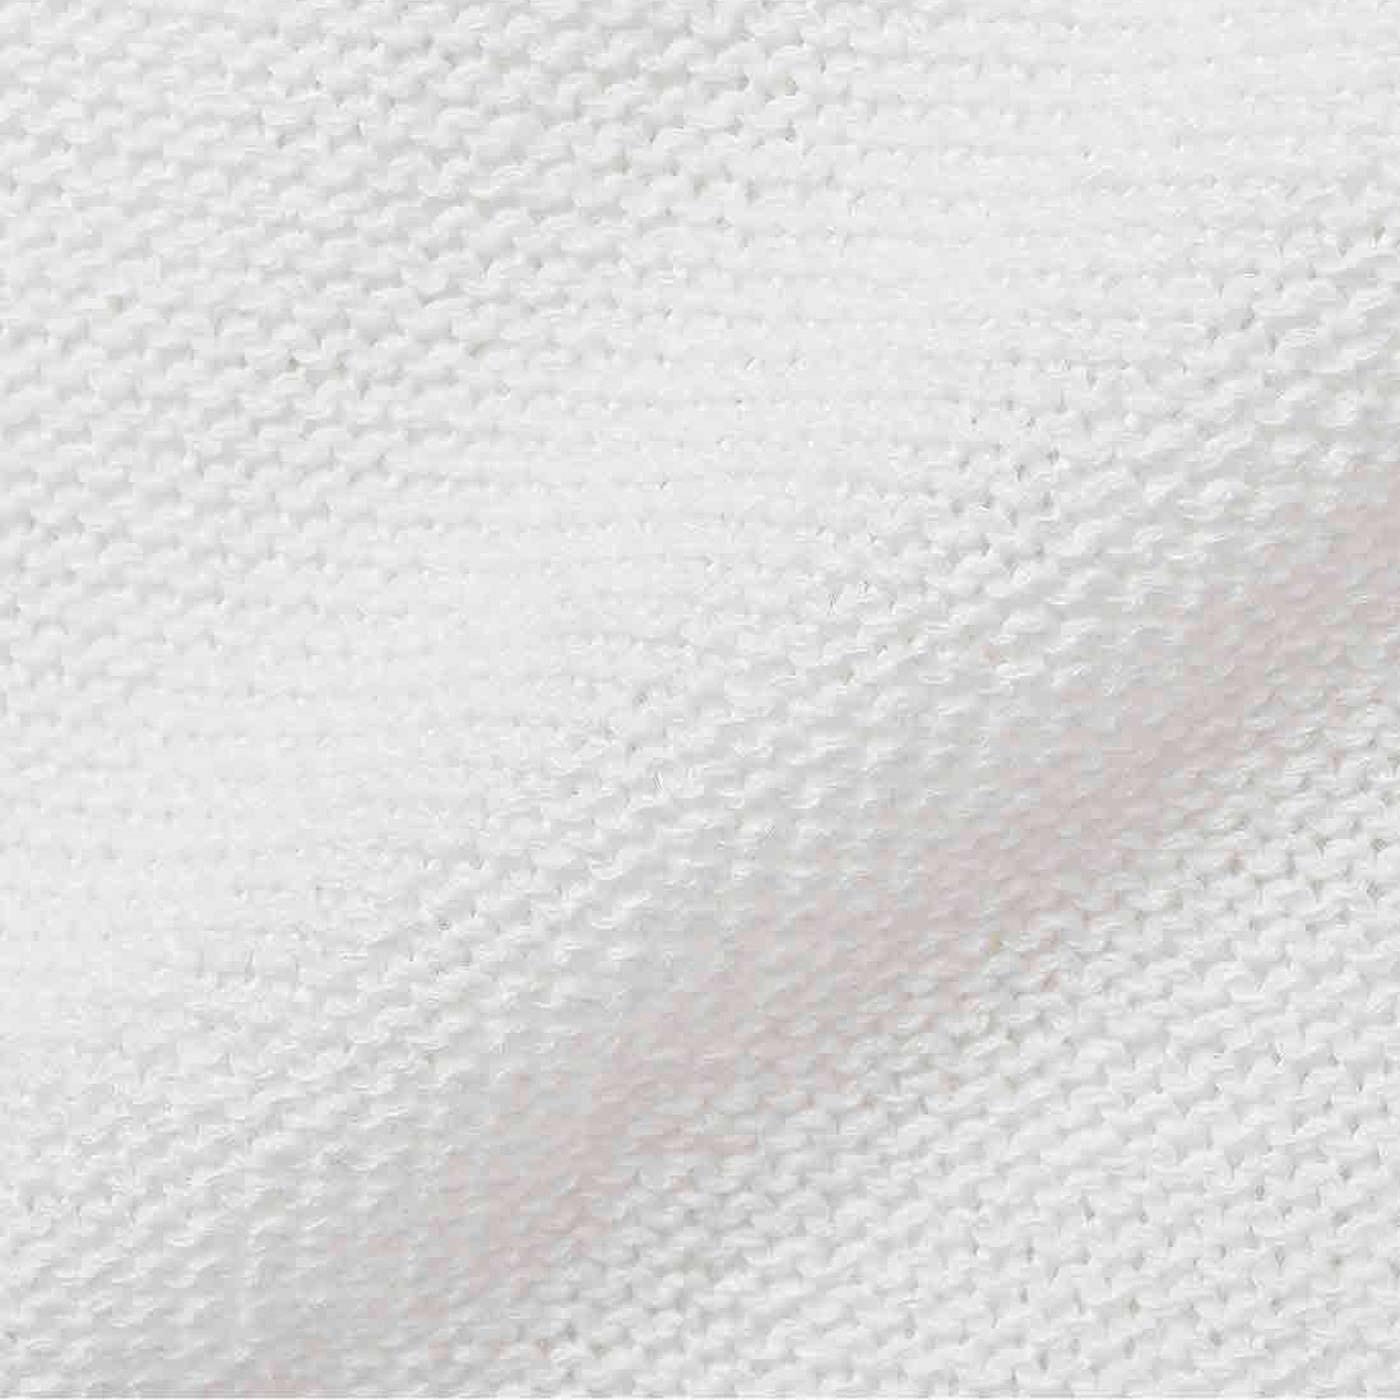 シャリッとドライで清涼感たっぷり。裏編み遣いもポイント。